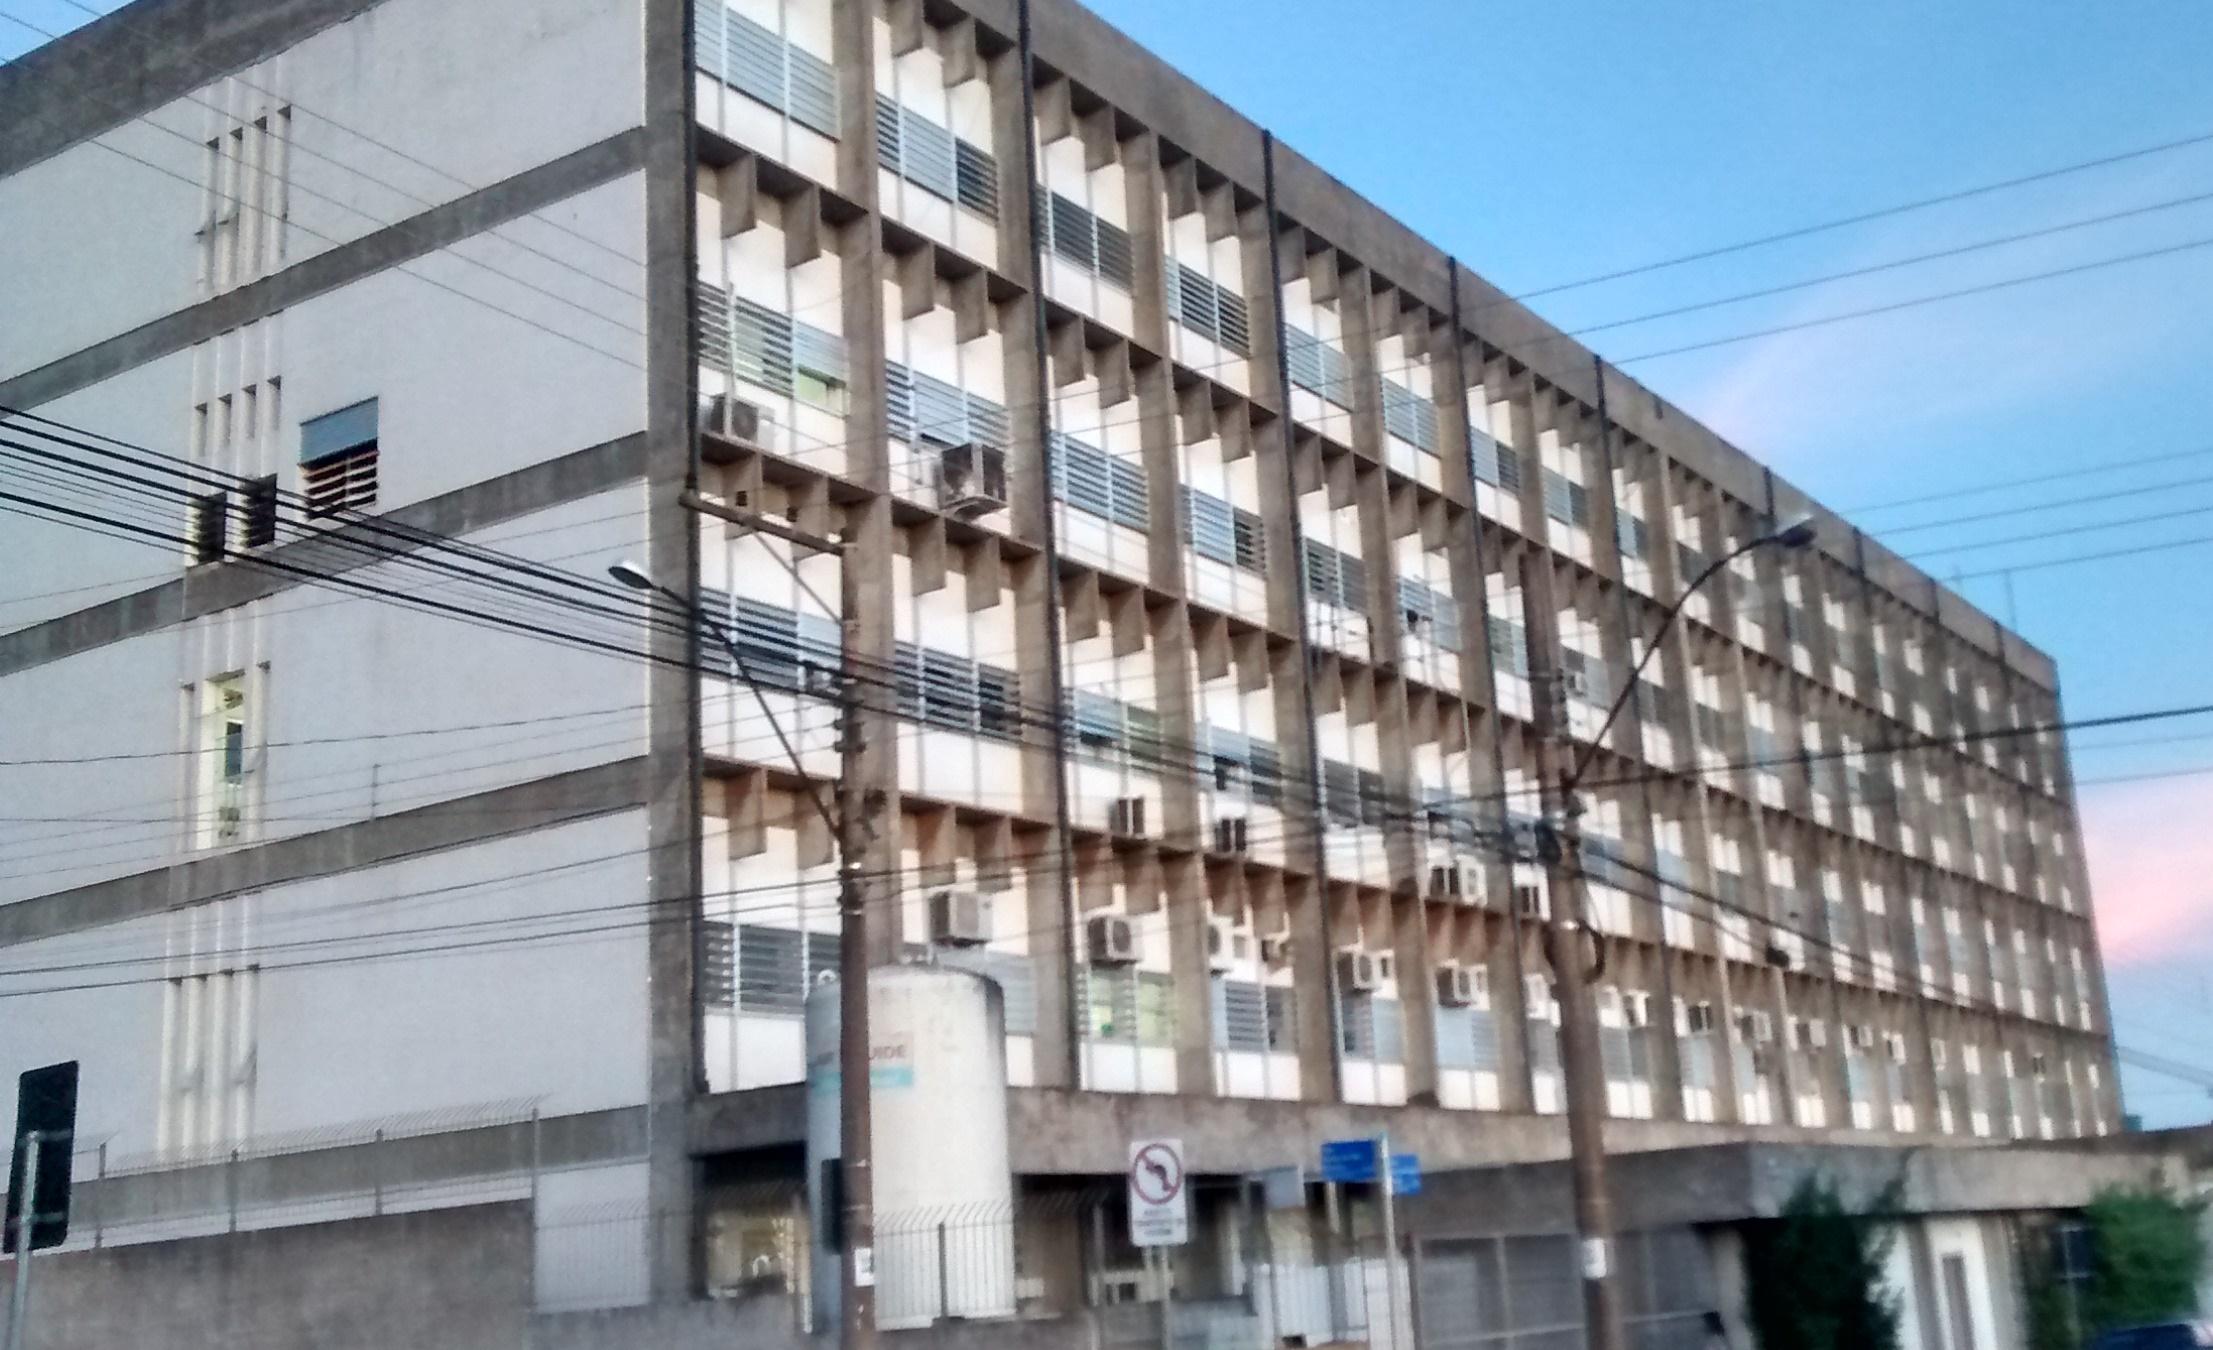 Dirigente do Sindsaúde aponta falhas na ocupação dos leitos do Hospital Regional